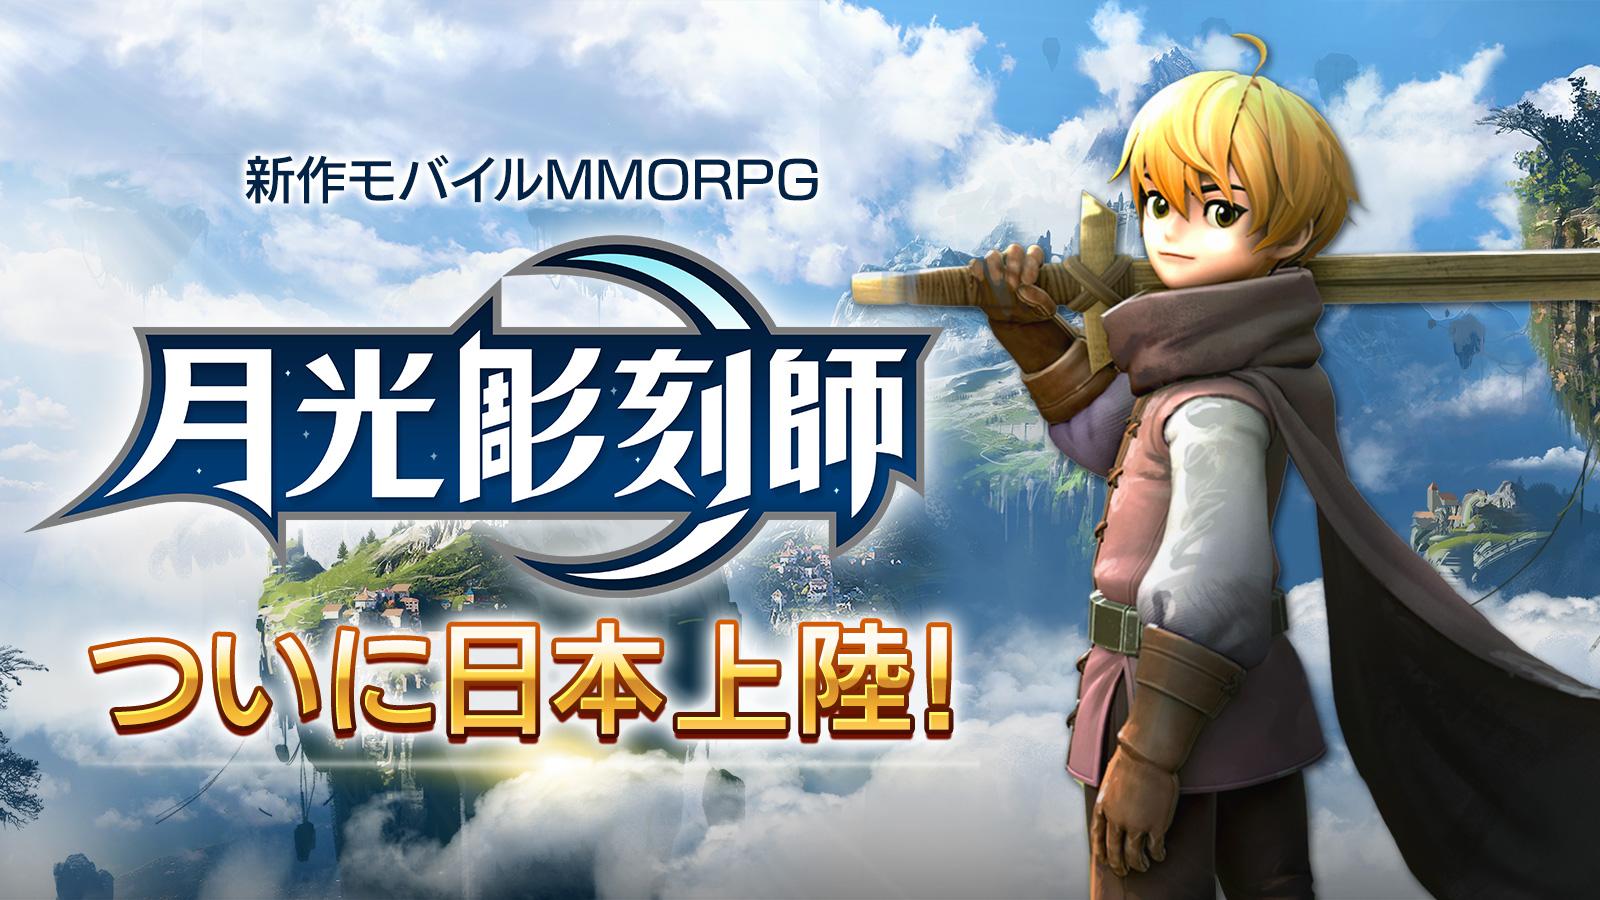 MMORPG開発の巨匠が放つ新作モバイルMMORPG、「月光彫刻師」ついに日本上陸! 画像